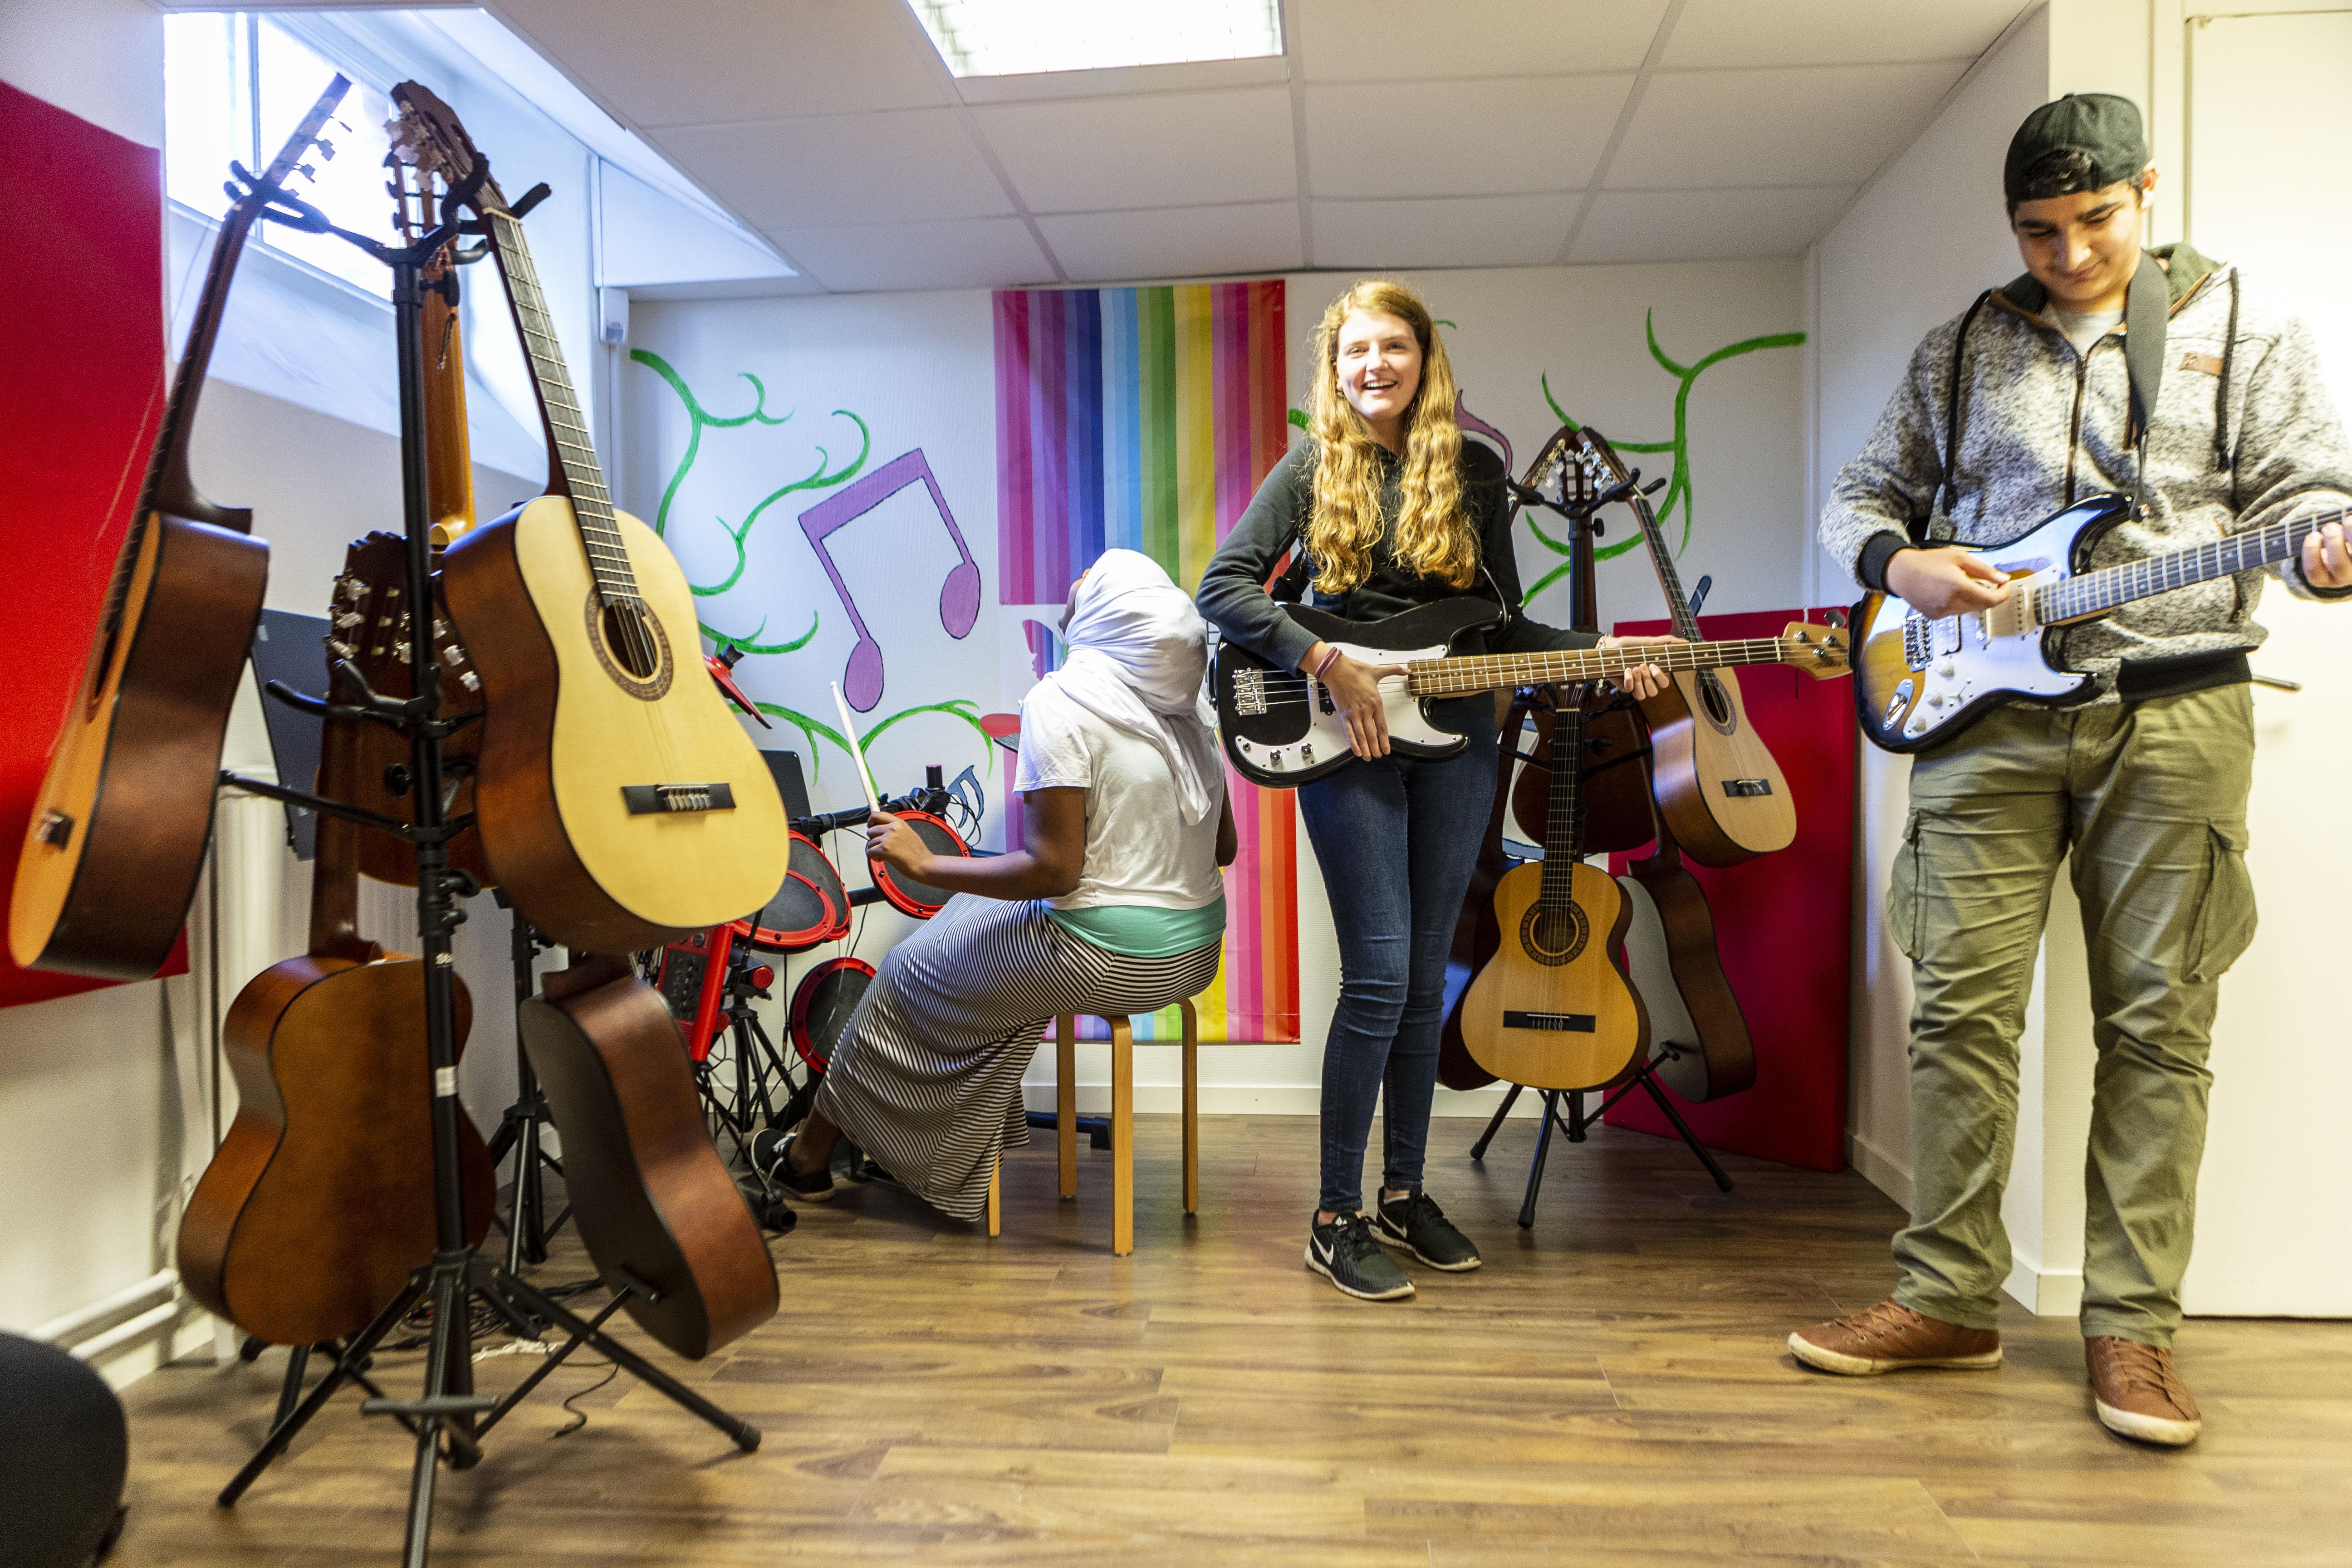 Skolan lanserar musikvideo till jul – ska lyfta medmänsklighet och mod